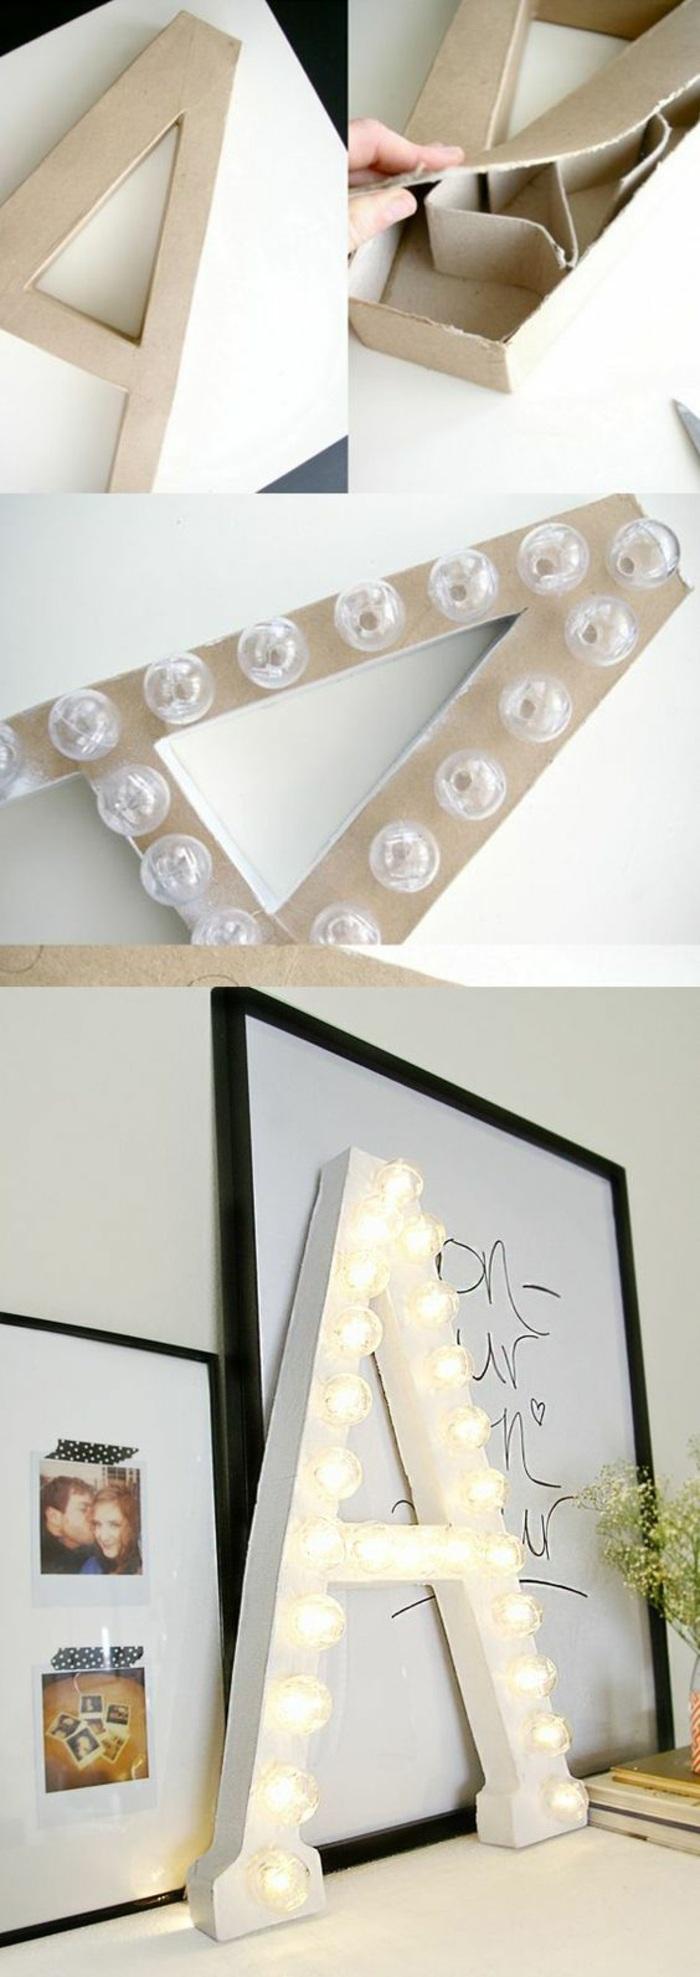 wanddeko, großer papp-buchstabe, glühbirnen, lampe, bilder